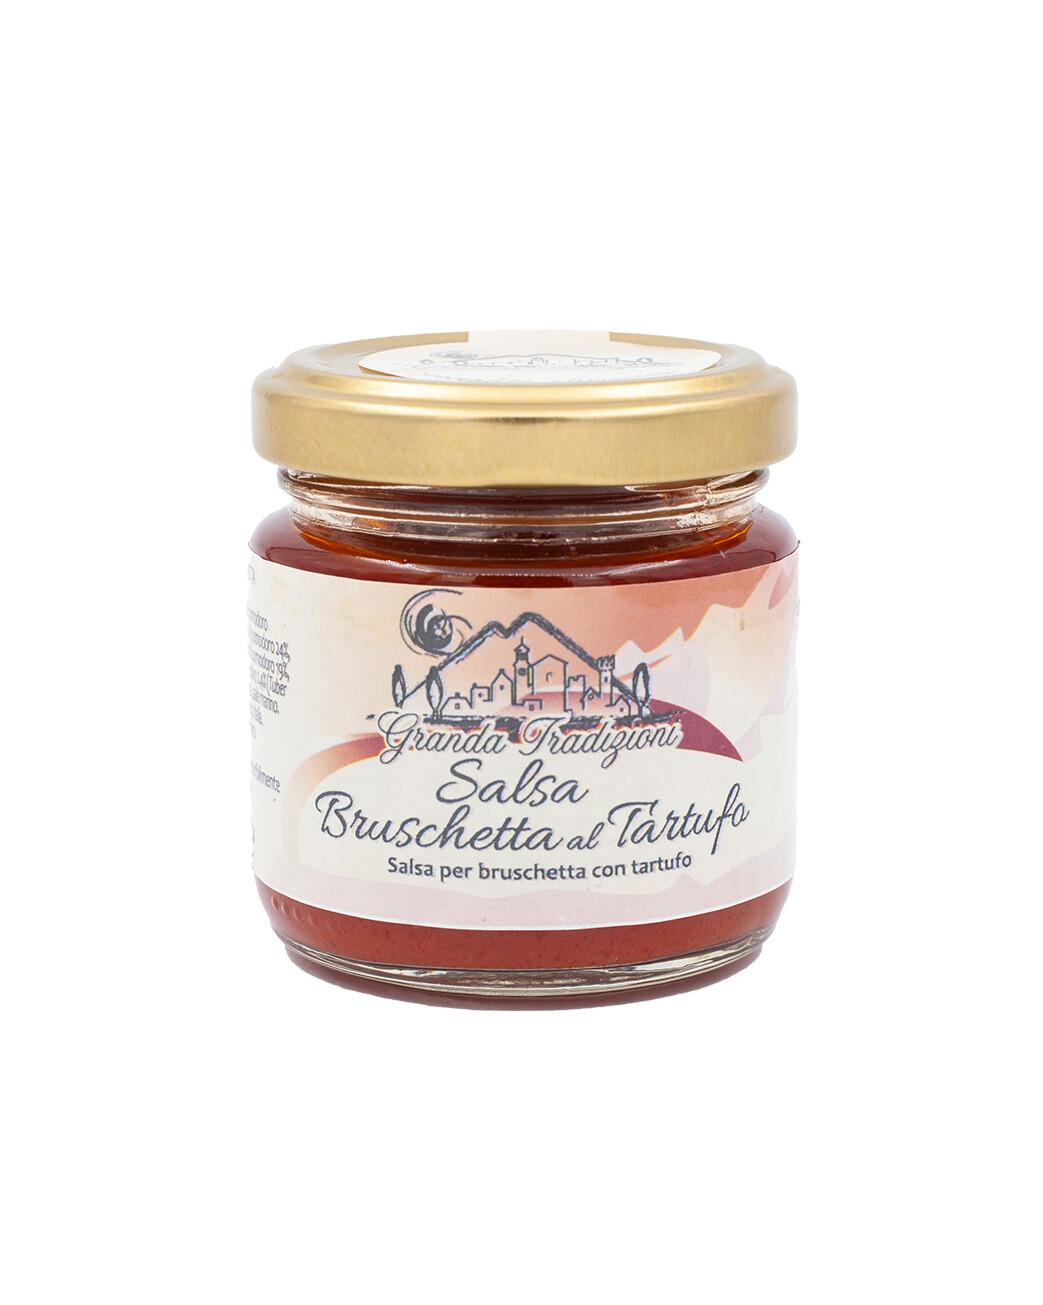 Salsa Bruschetta Langhetta con tartufo bianco